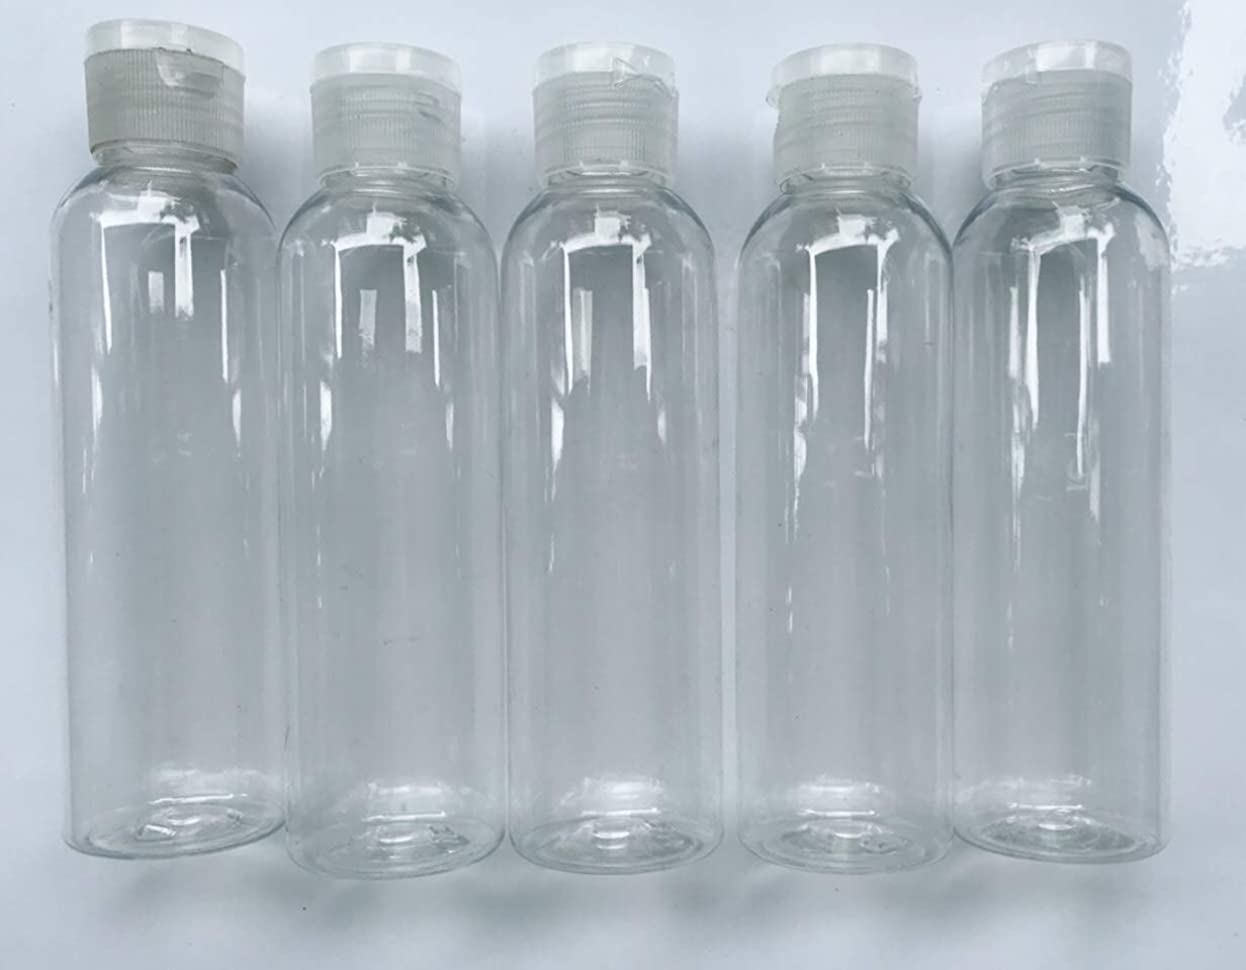 堤防柔らかさ正当な旅行用 透明詰め替え容器150ml (クリア)携帯用トラベルボトル5本セット/シャンプー、化粧水、ローション、乳液などの基礎化粧品や調味料入れに